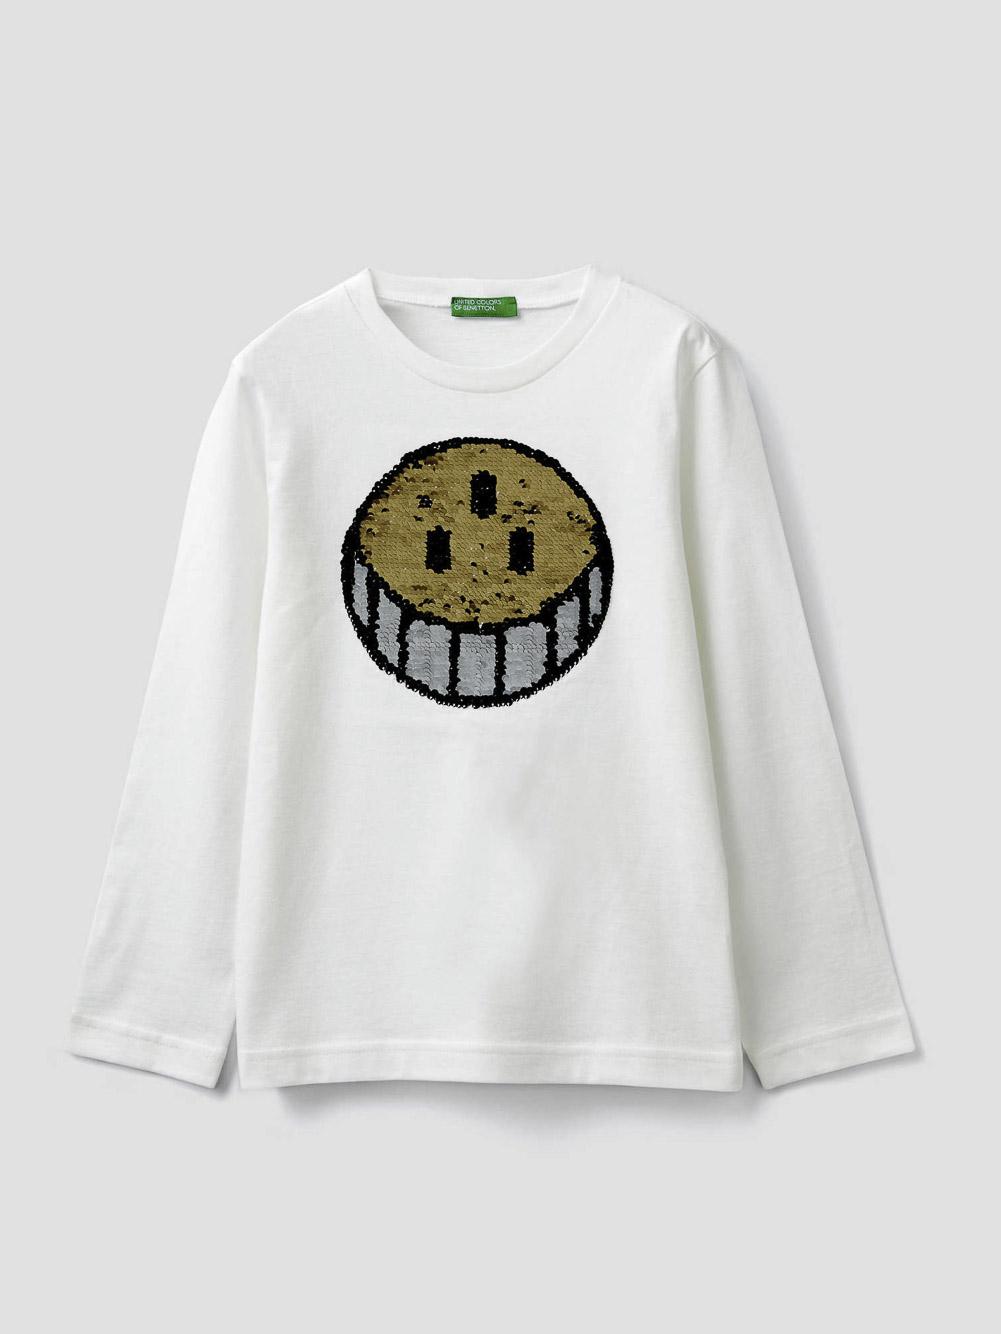 012 BENETTON T-shirt με παγιέτες δυο όψεων 3096C14QL 20A074